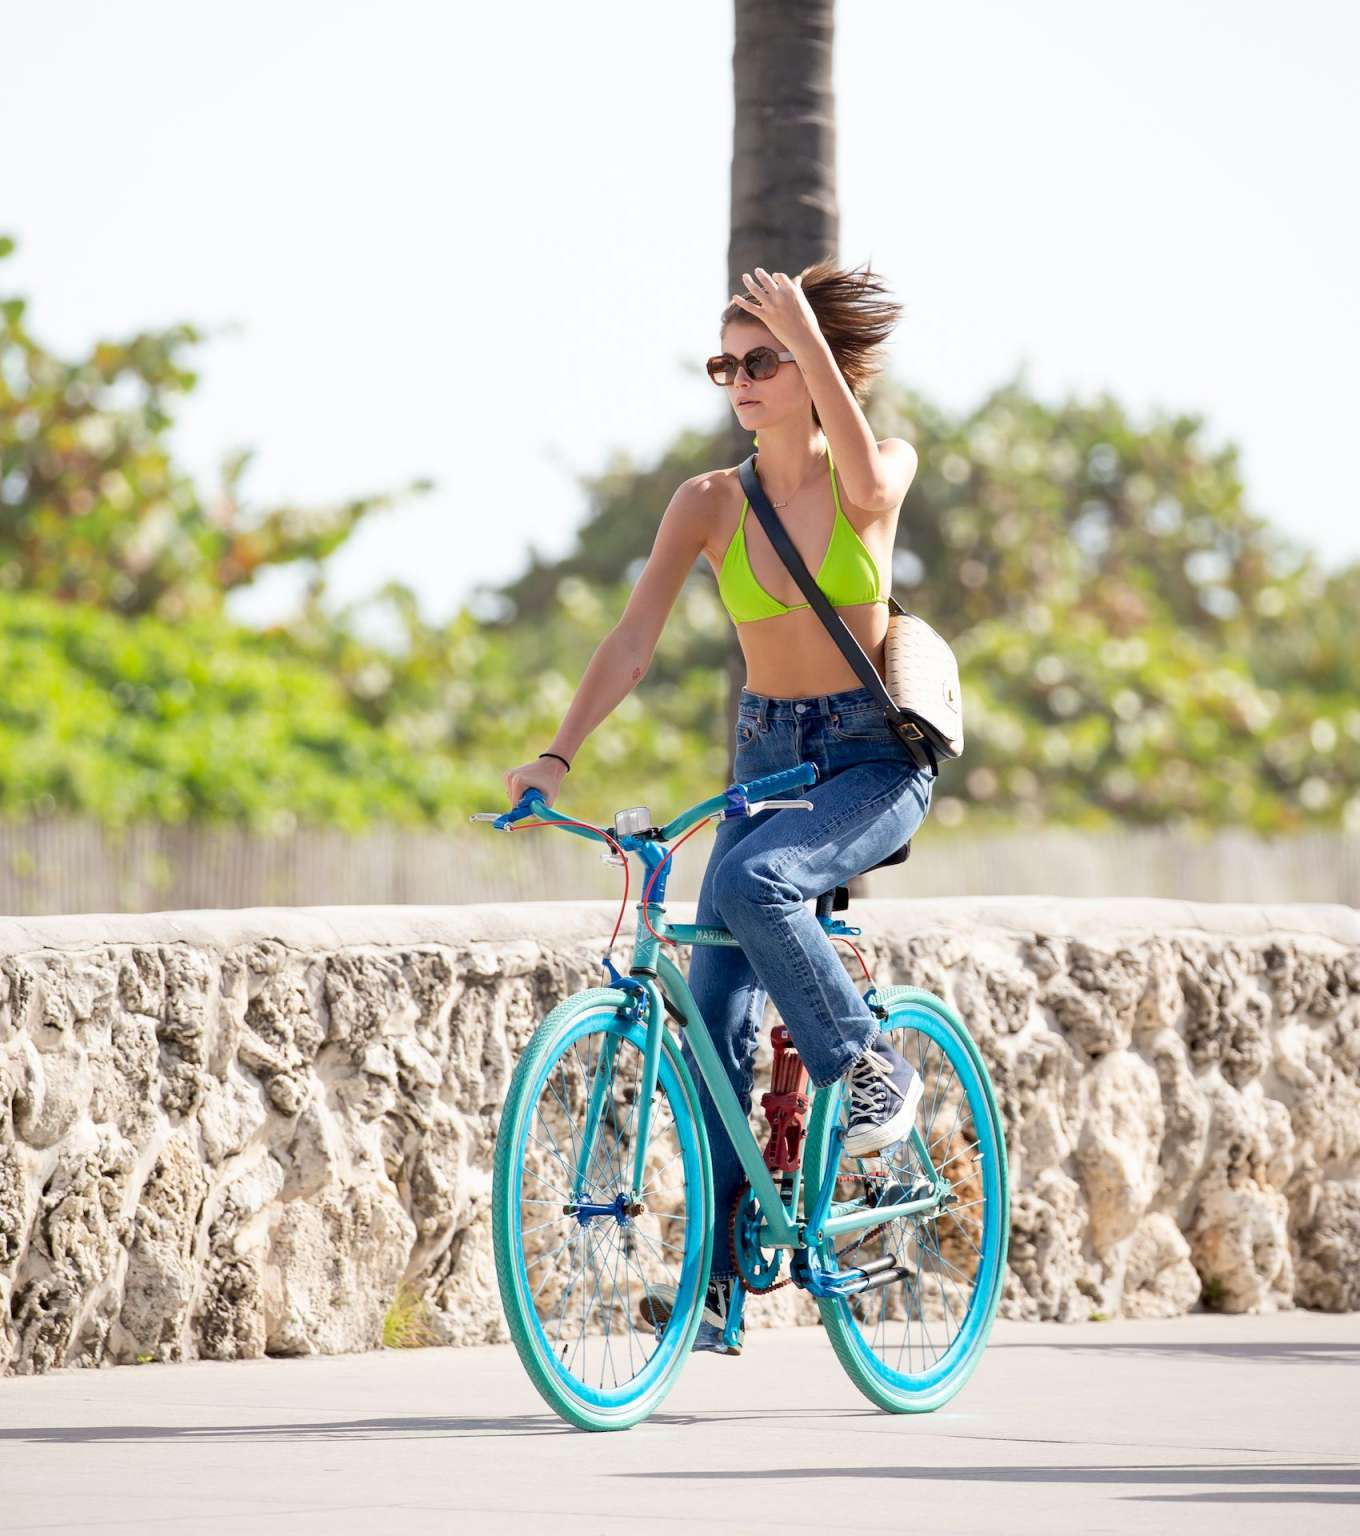 Kaia Gerber 2020 : Kaia Gerber in Bikini Top – Bike Riding in Miami-11